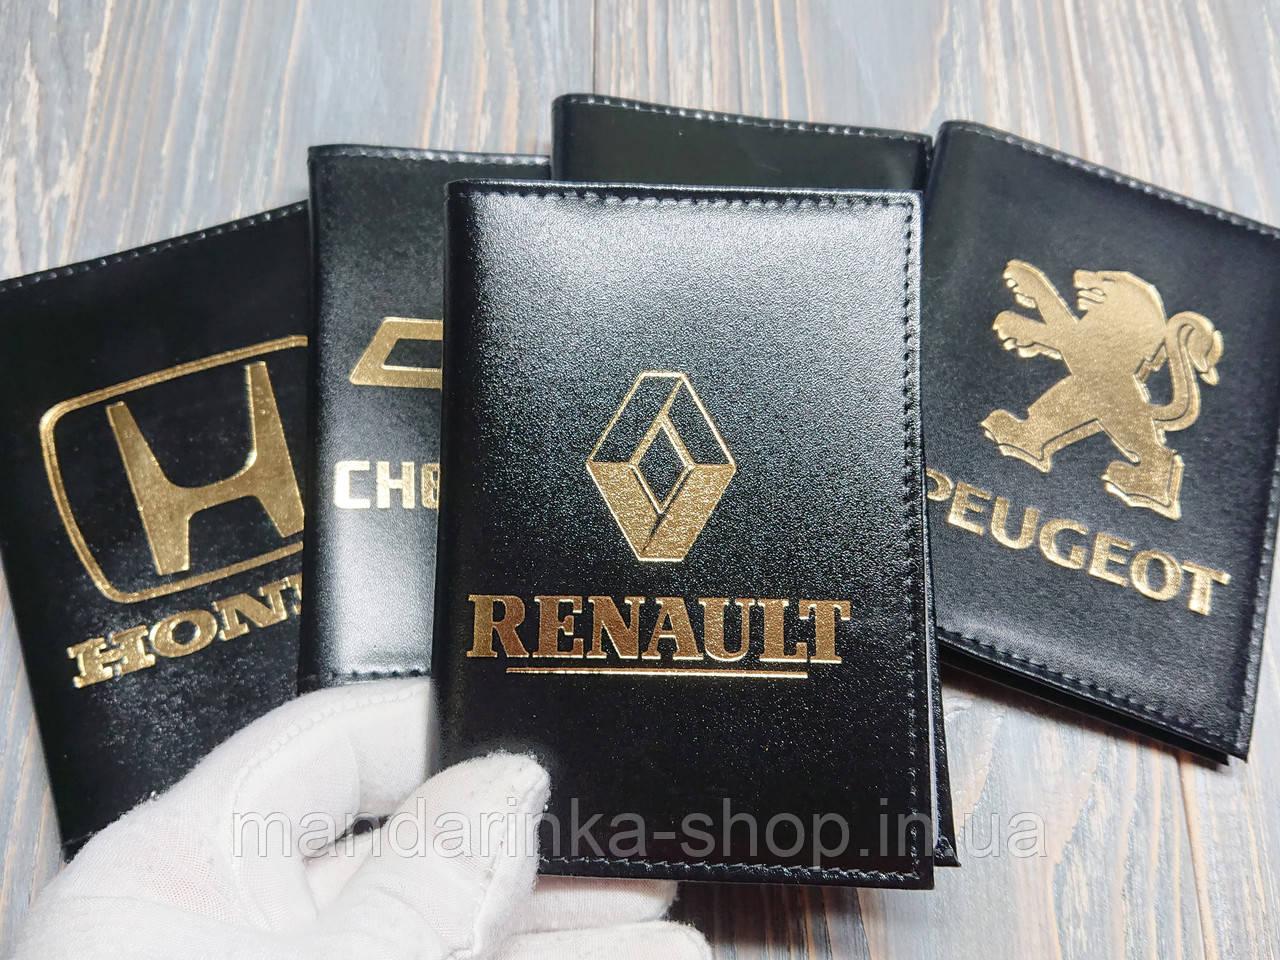 Шкіряна обкладинка для автодокументів з логотипом Renault, для прав старого і нового зразка